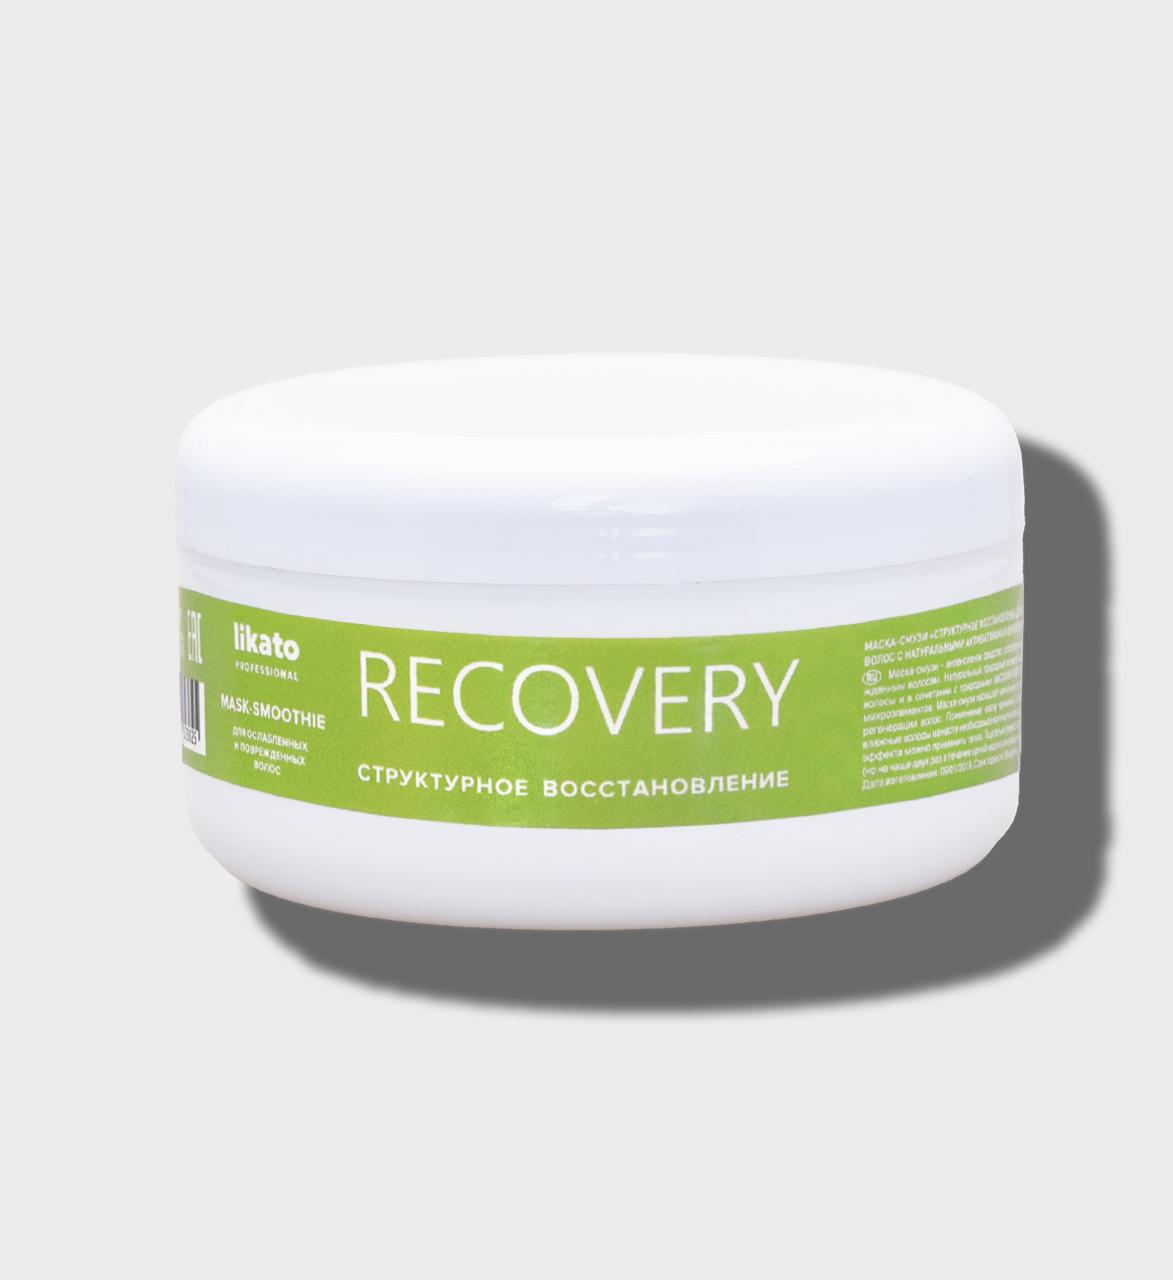 Купить Маска для глубокого восстановления поврежденной структуры волос - 250 мл., 4603757311212, likato